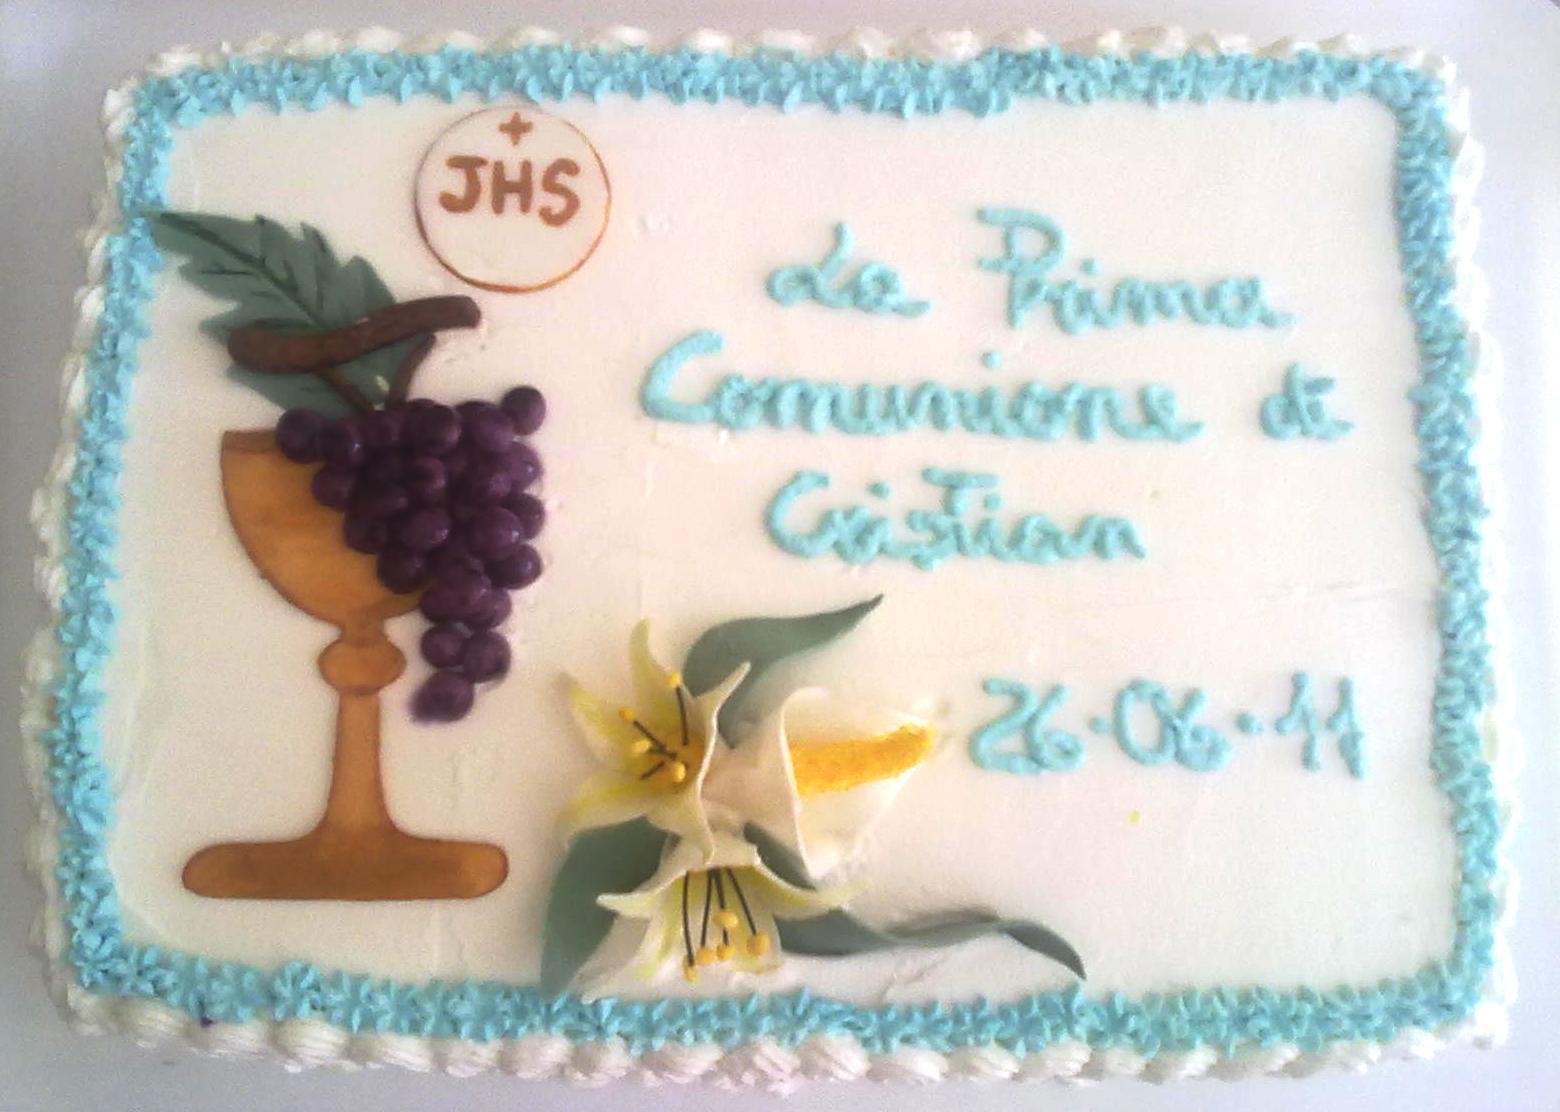 Alessandra e i suoi dolci torta prima comunione for Decorazione x cresima